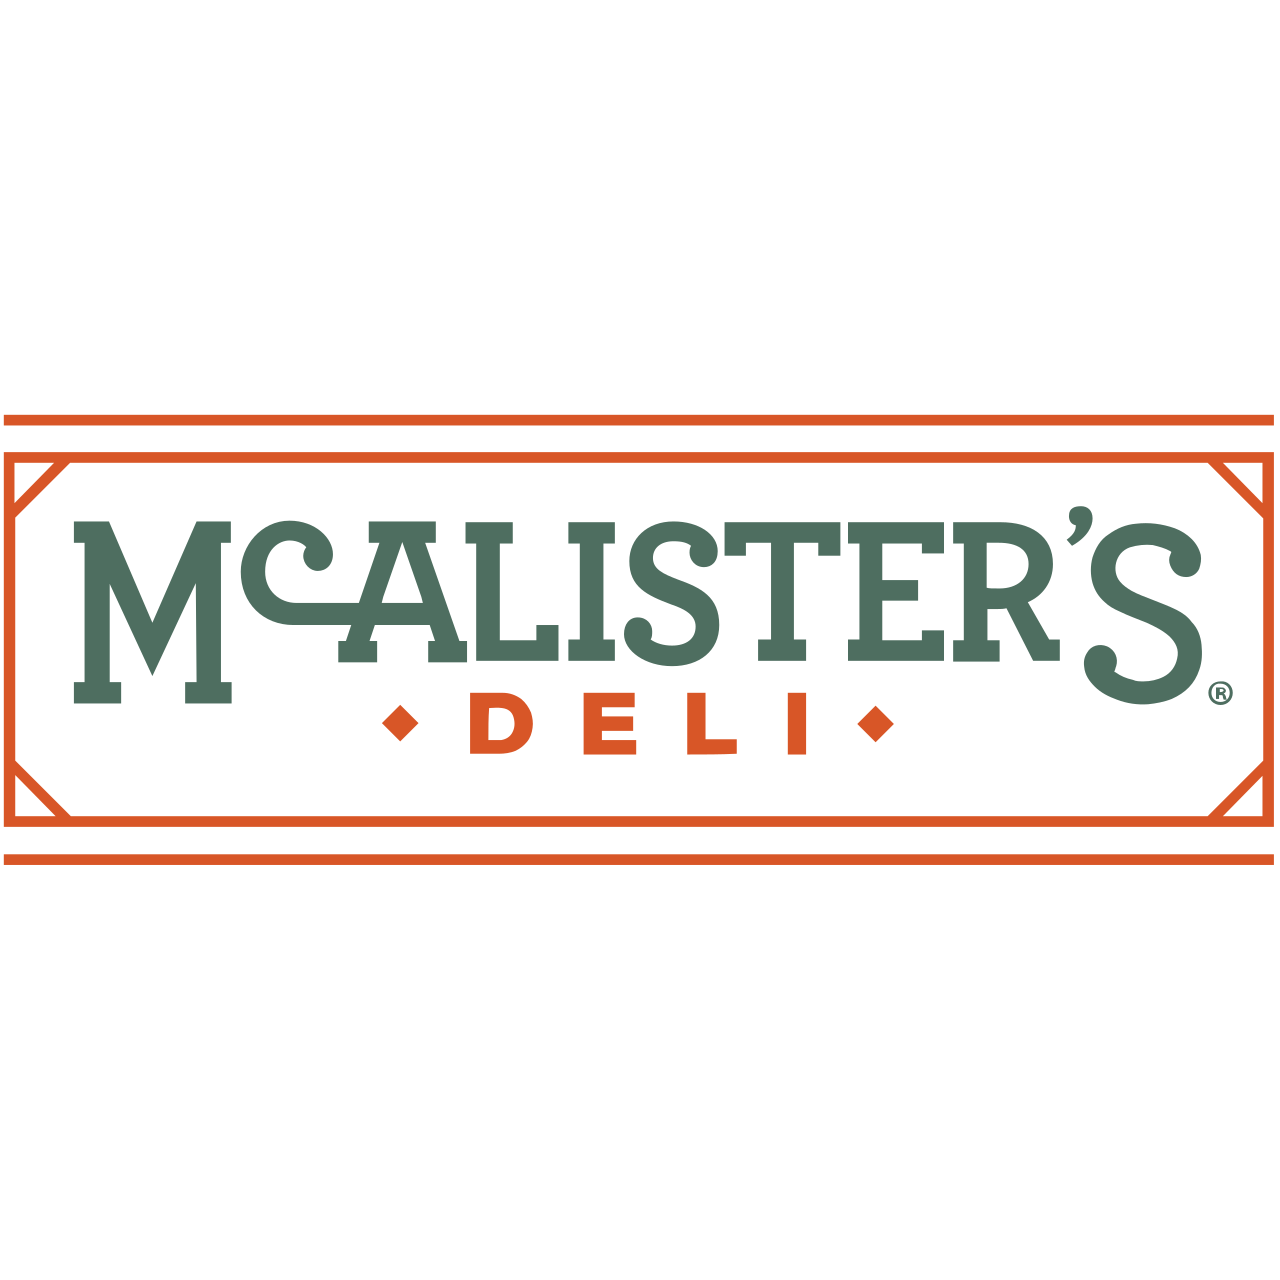 McAlister's Deli - Naperville, IL 60564 - (630)548-0056 | ShowMeLocal.com